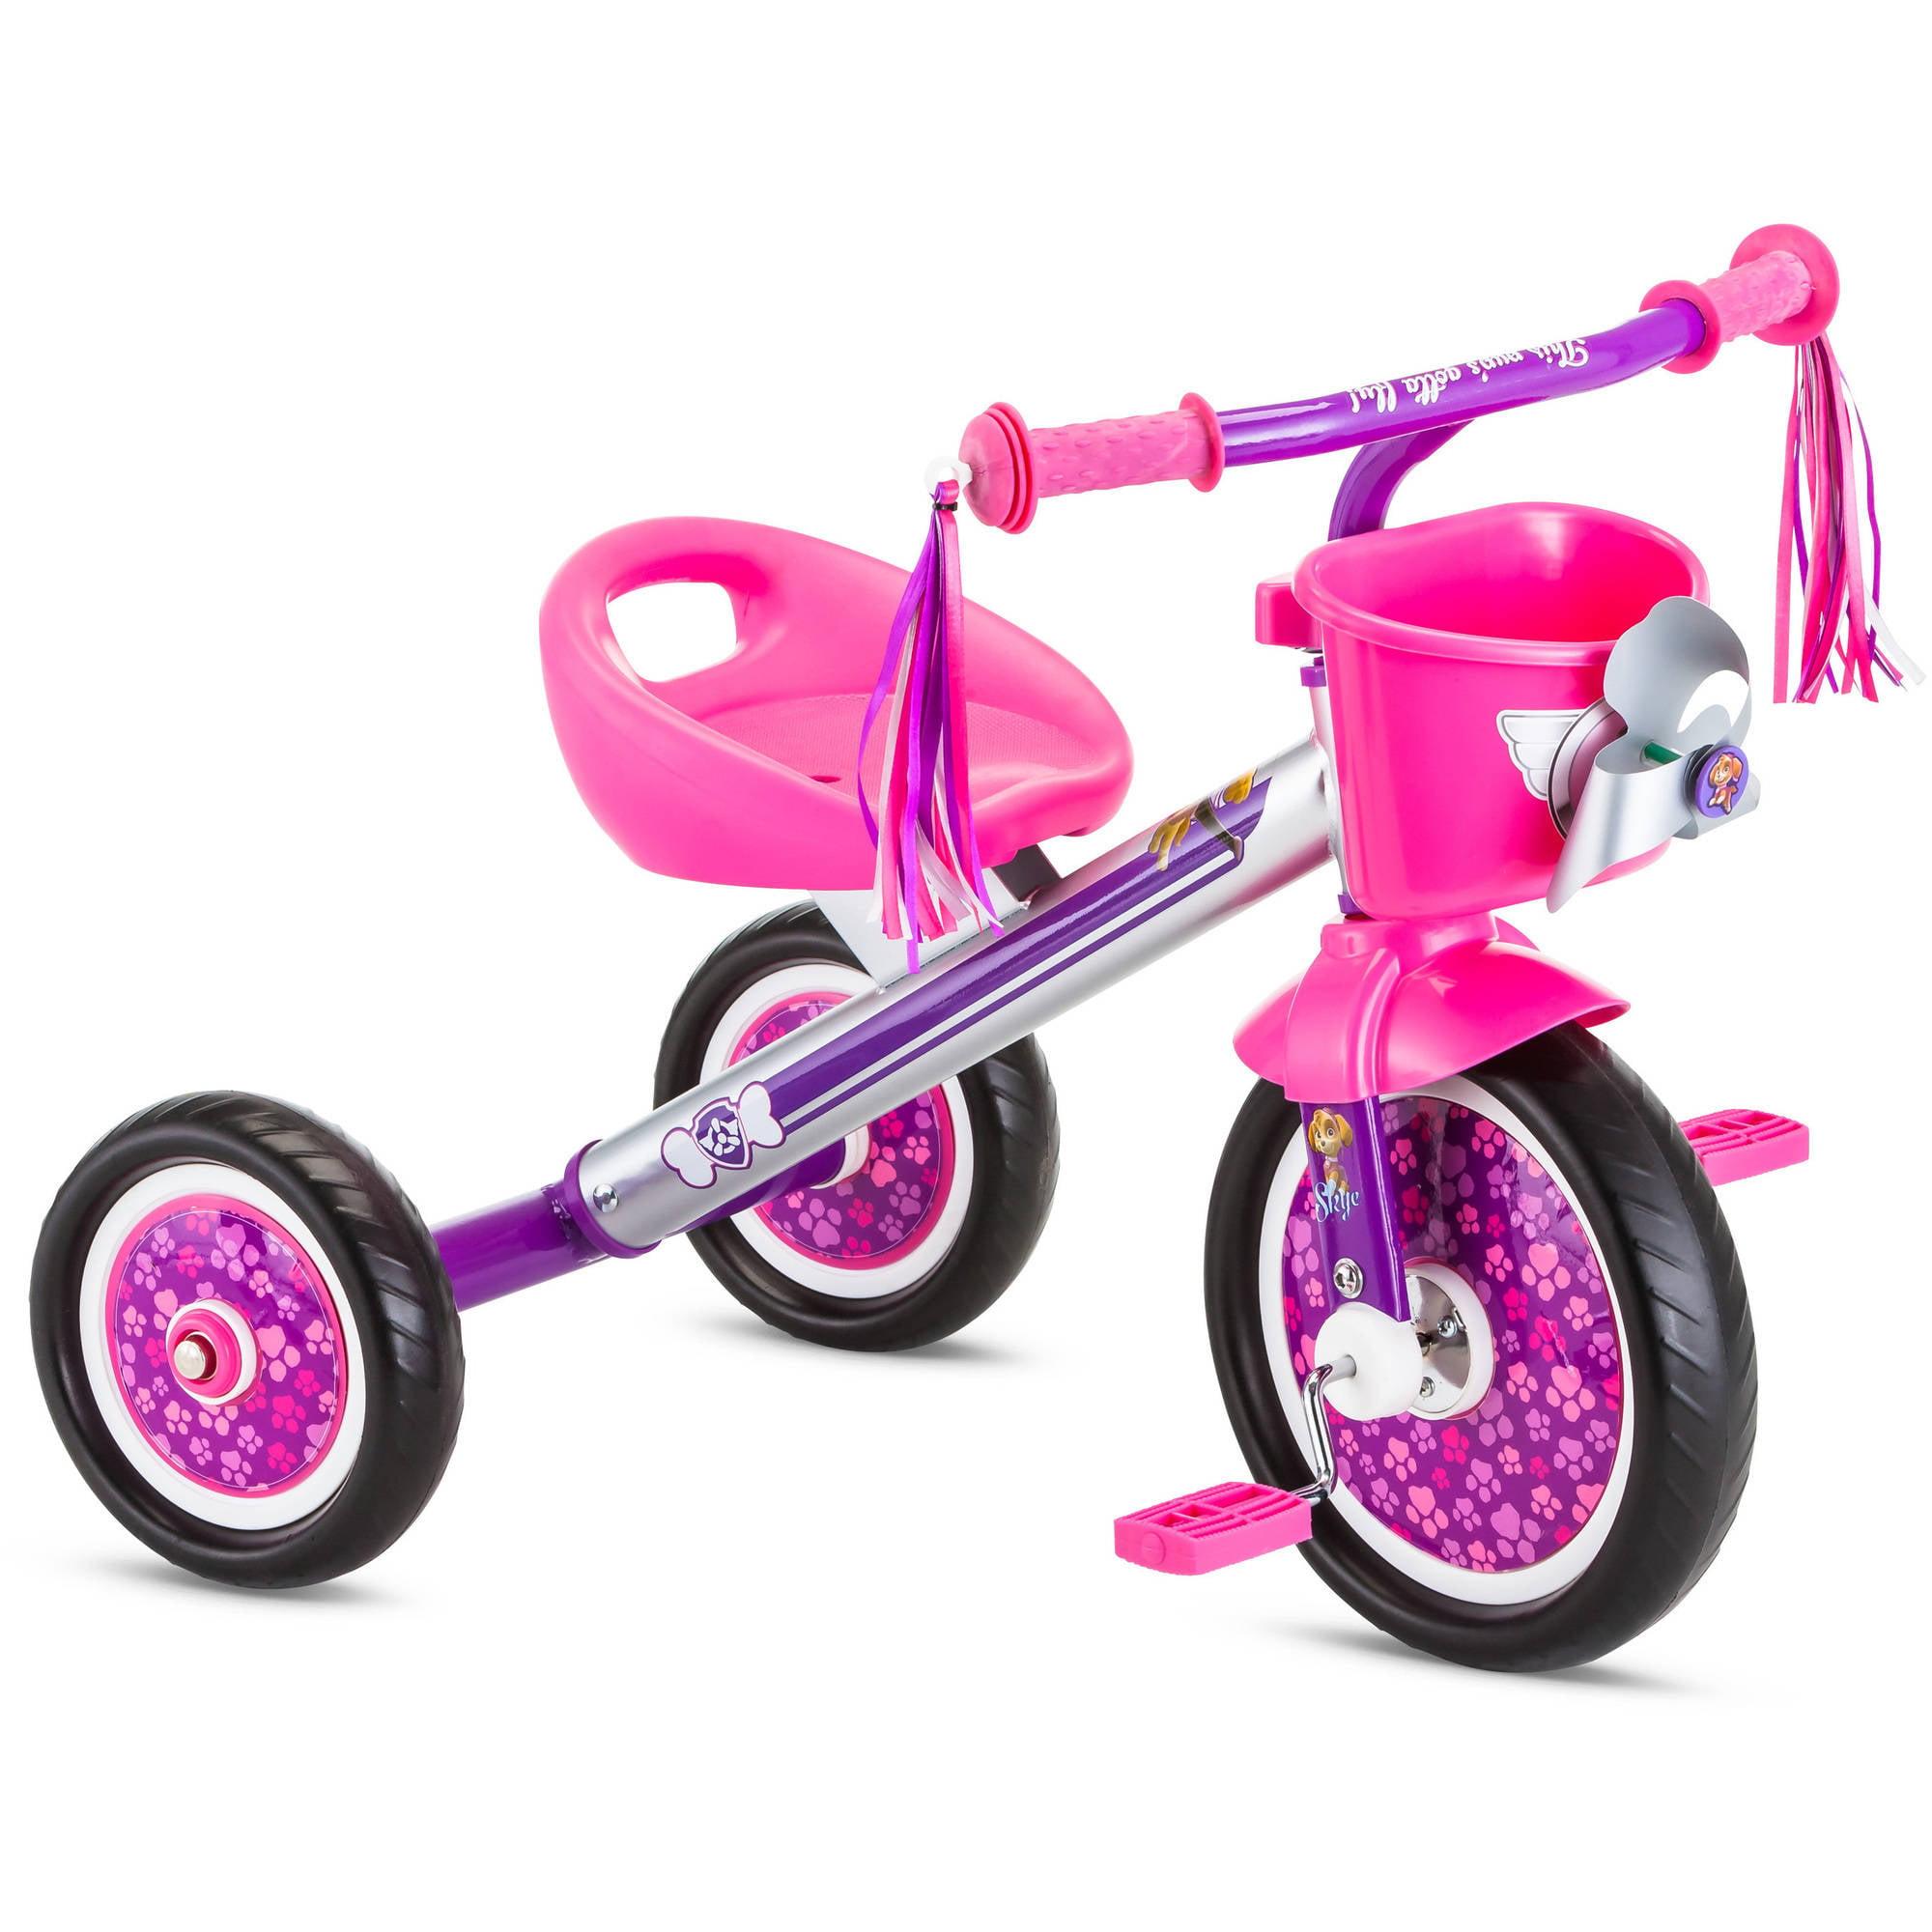 Paw Patrol Skye Tricycle for Kids, Tassels, Pink